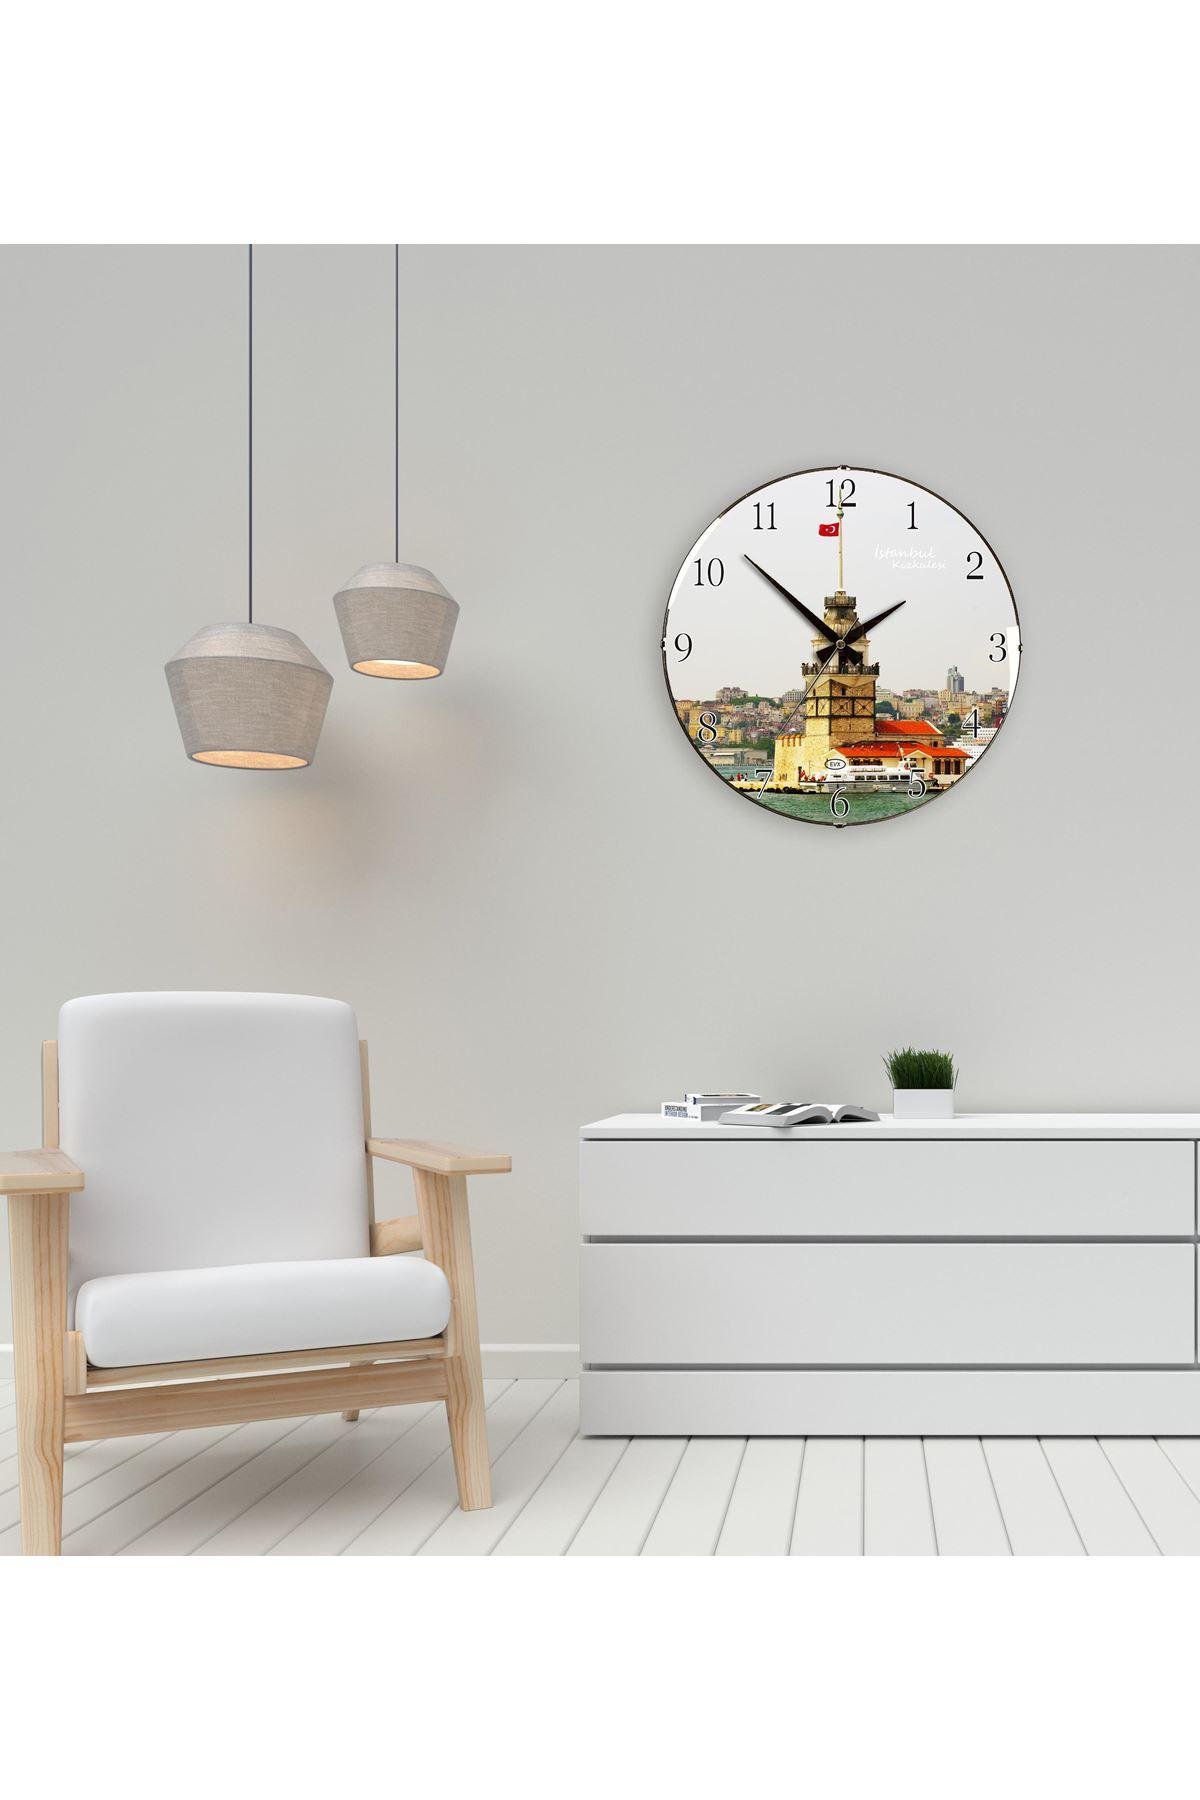 Rikon Kız Külesi Dekoratif Bombe Camlı Duvar Saati 35X35 Cm